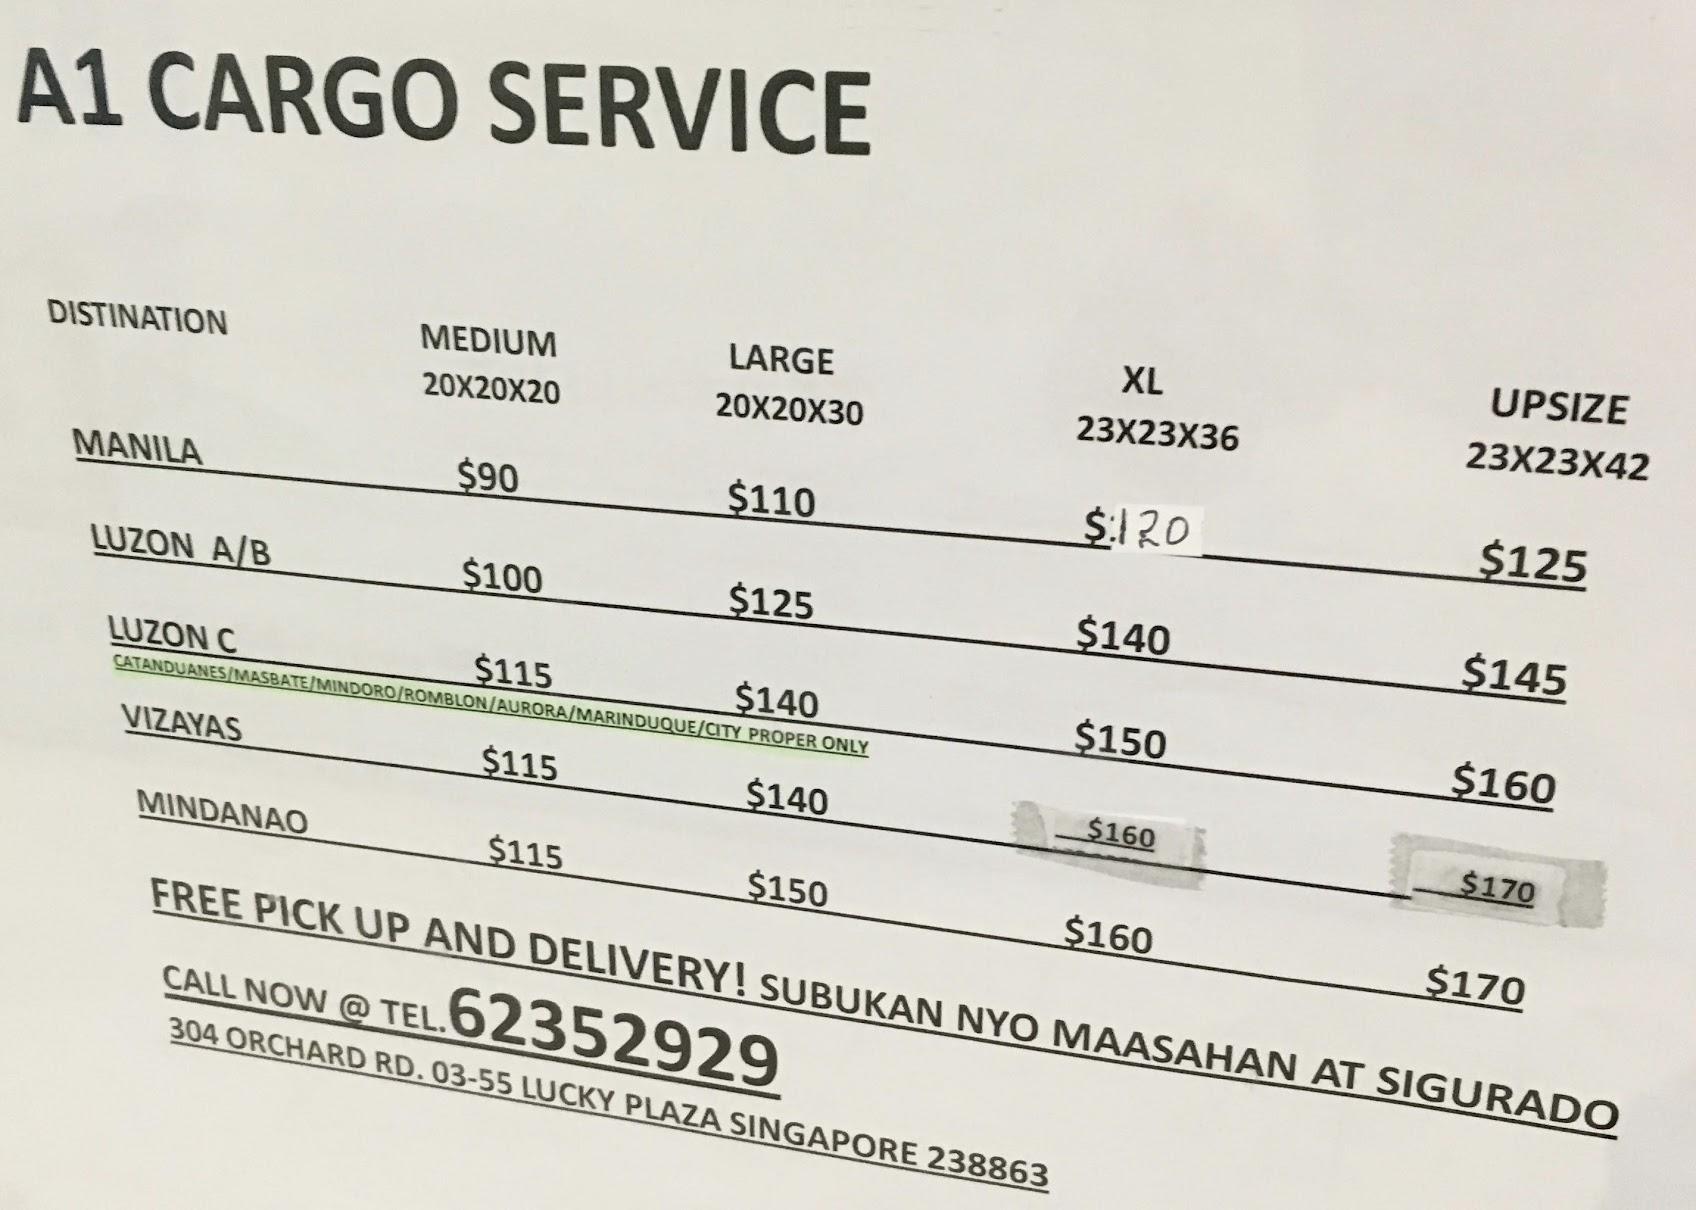 a1 cargo service